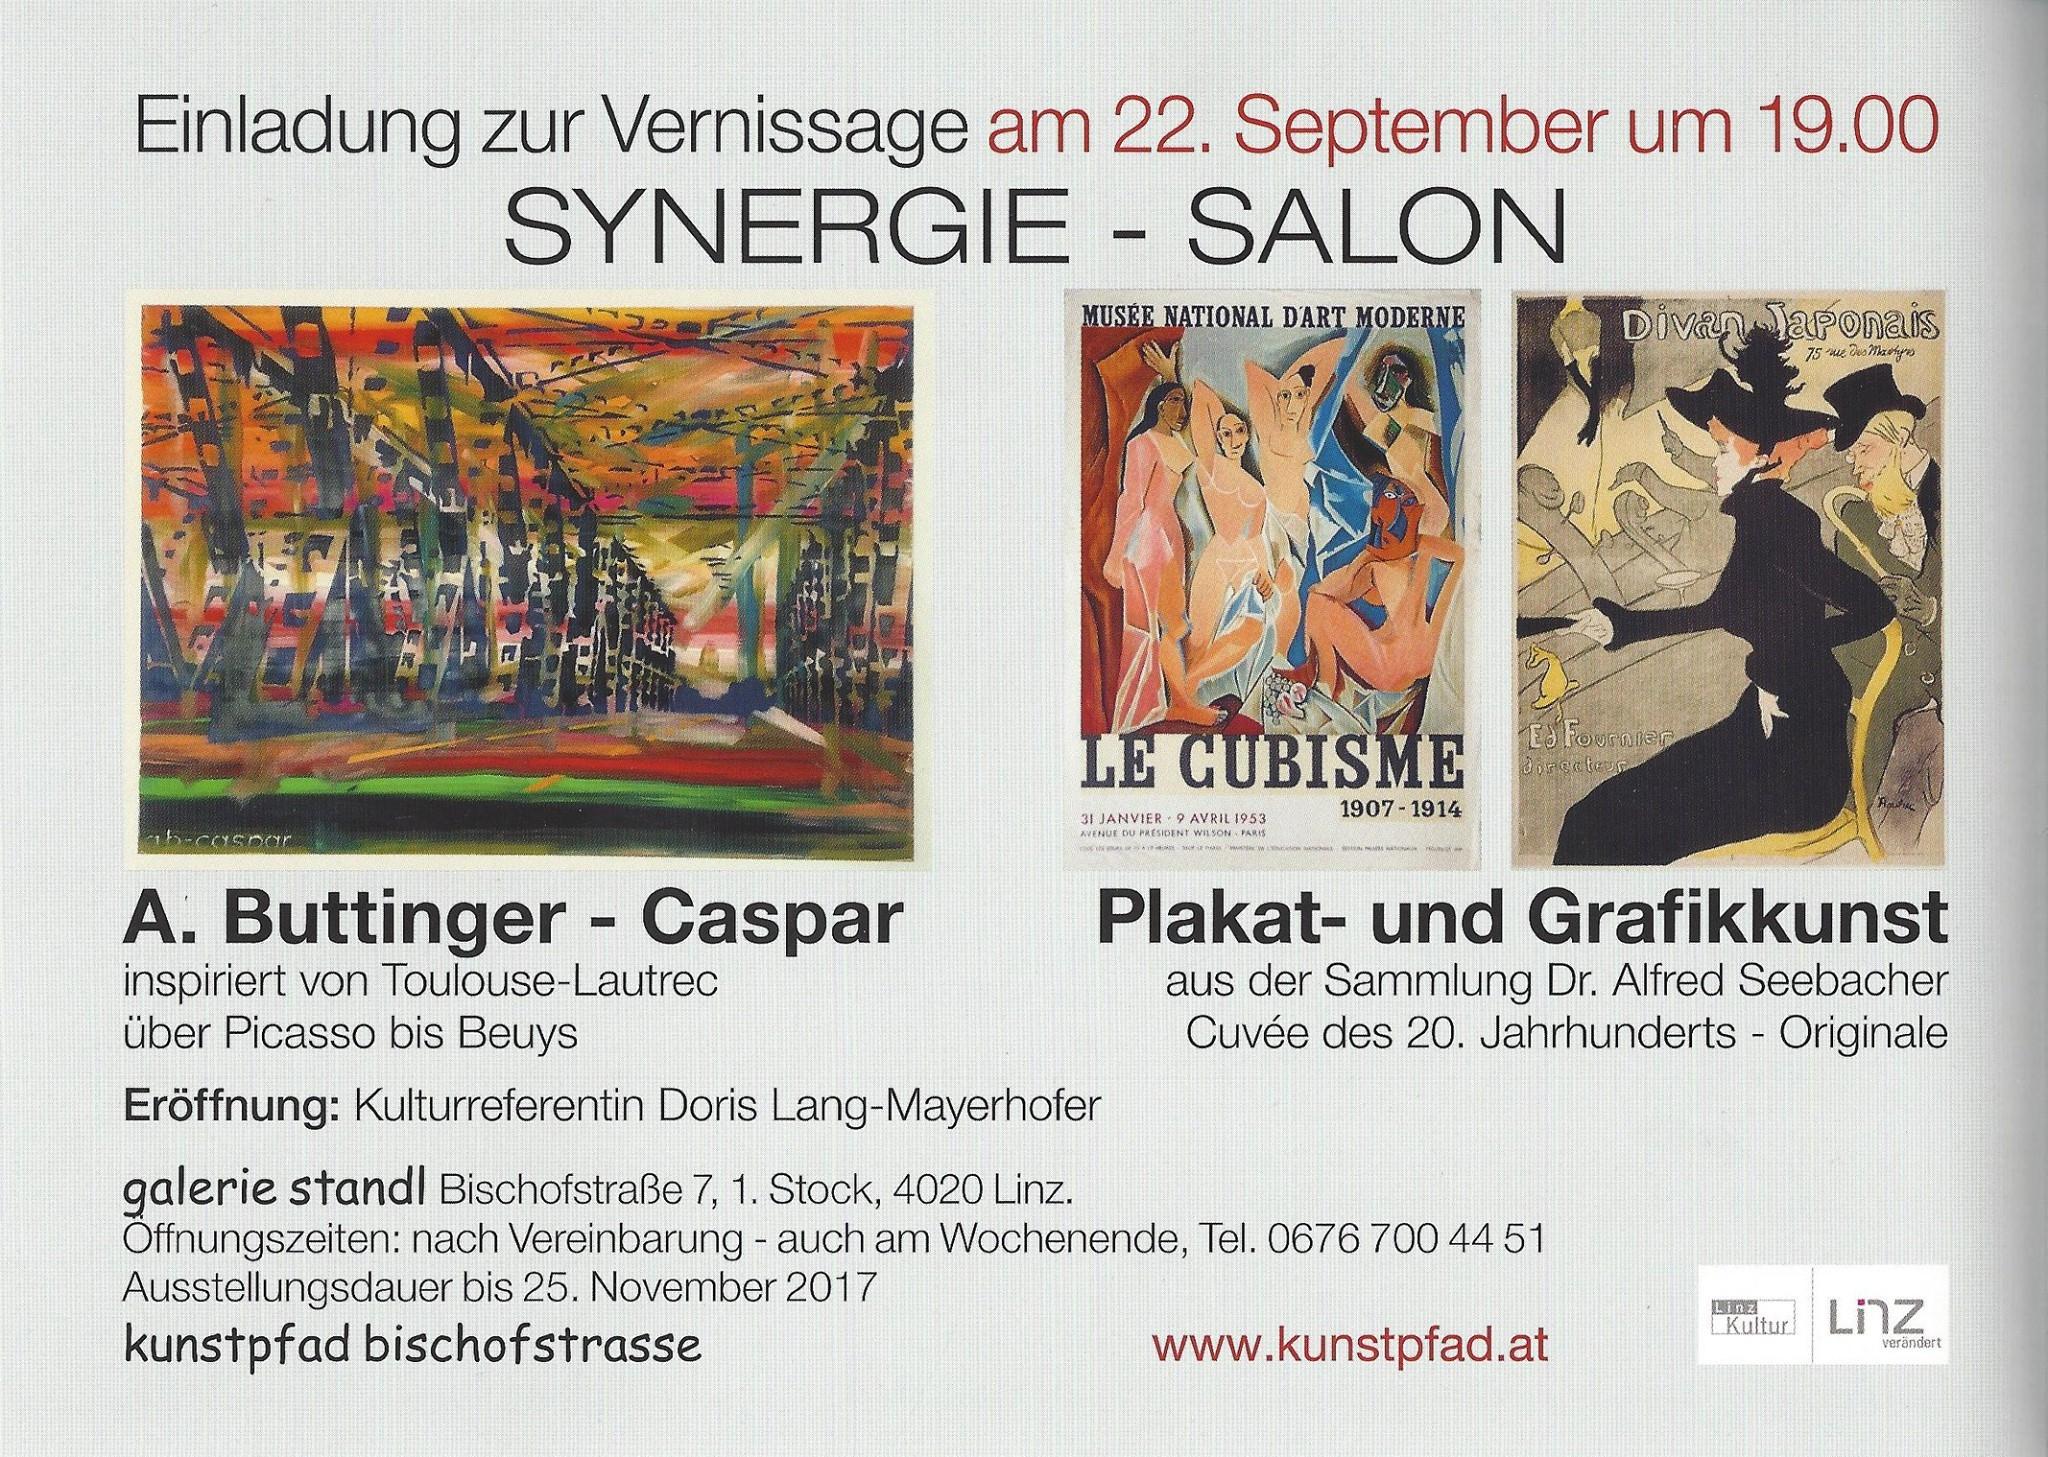 seebacher-ausst-2017-1